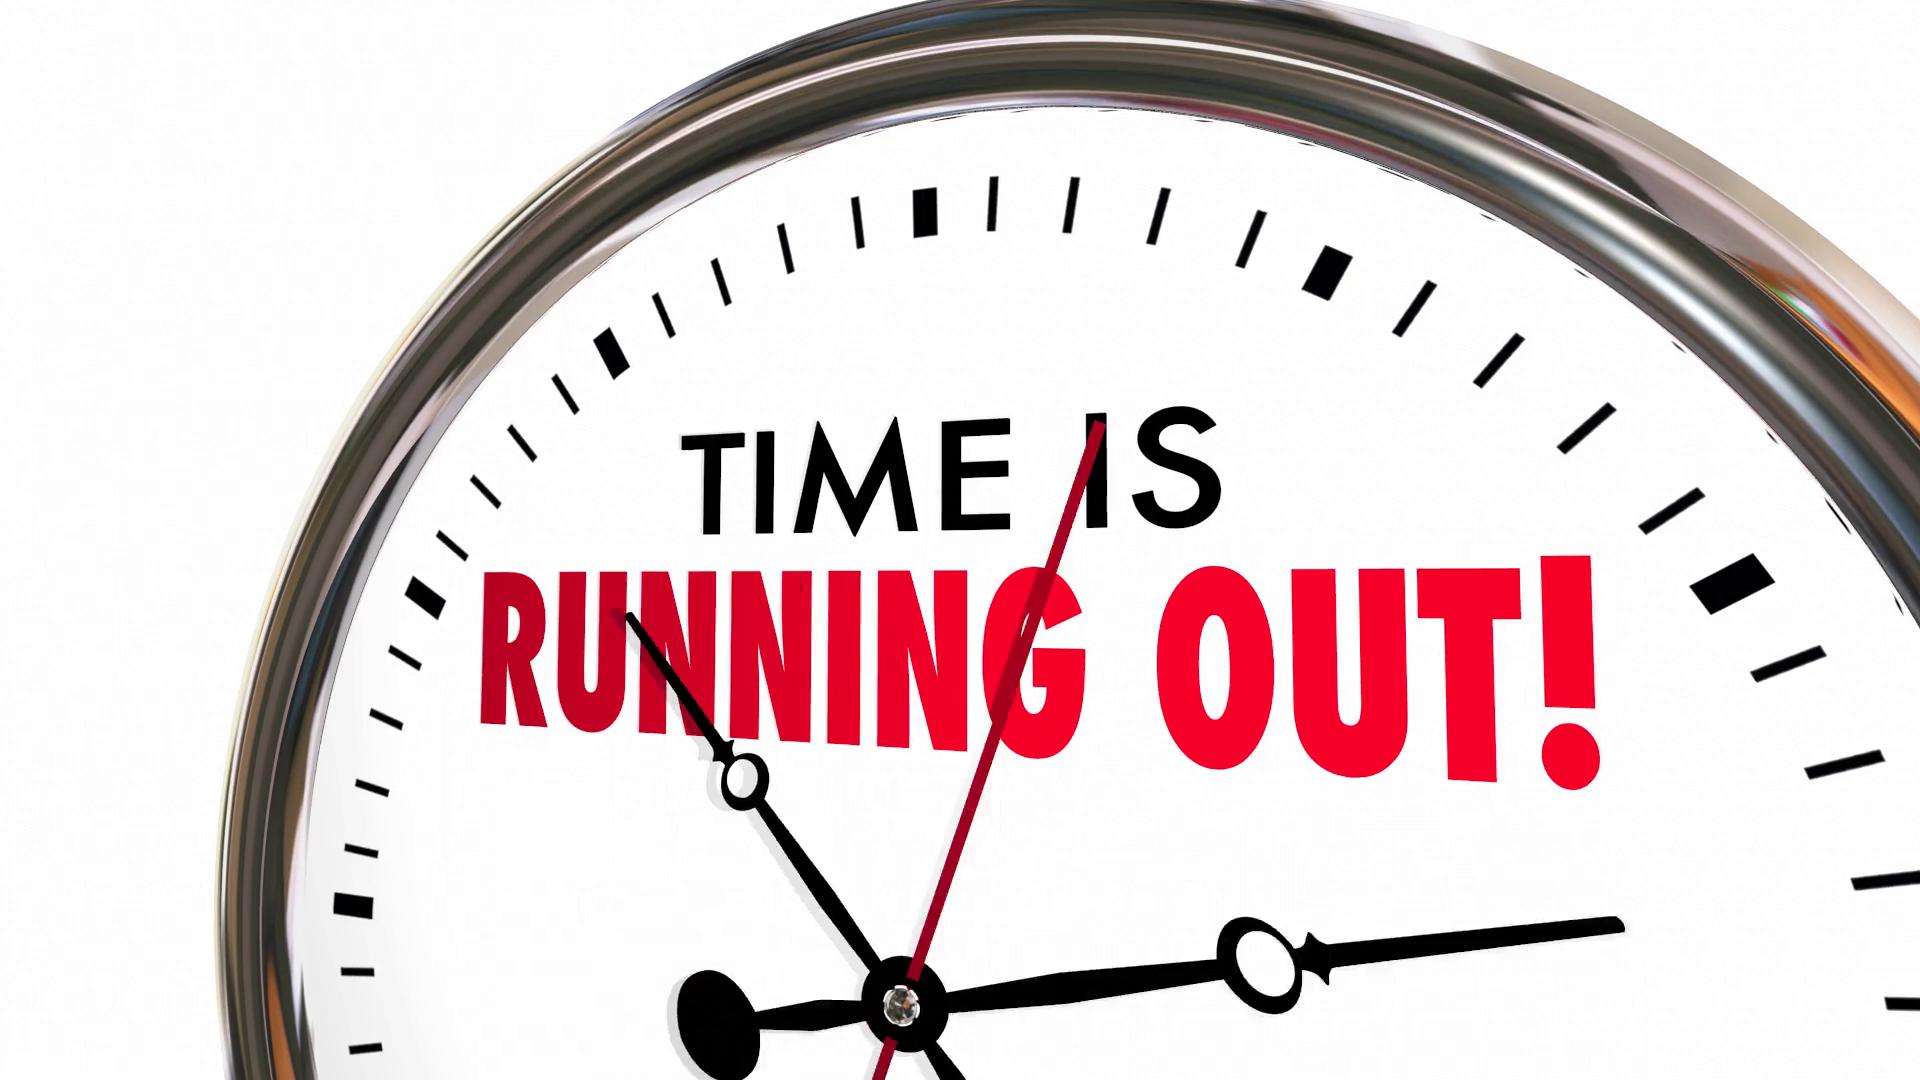 Videoblocks time is running out clock deadline ending soon 3 d animation hftneyrzw thumbnail full09 247cc